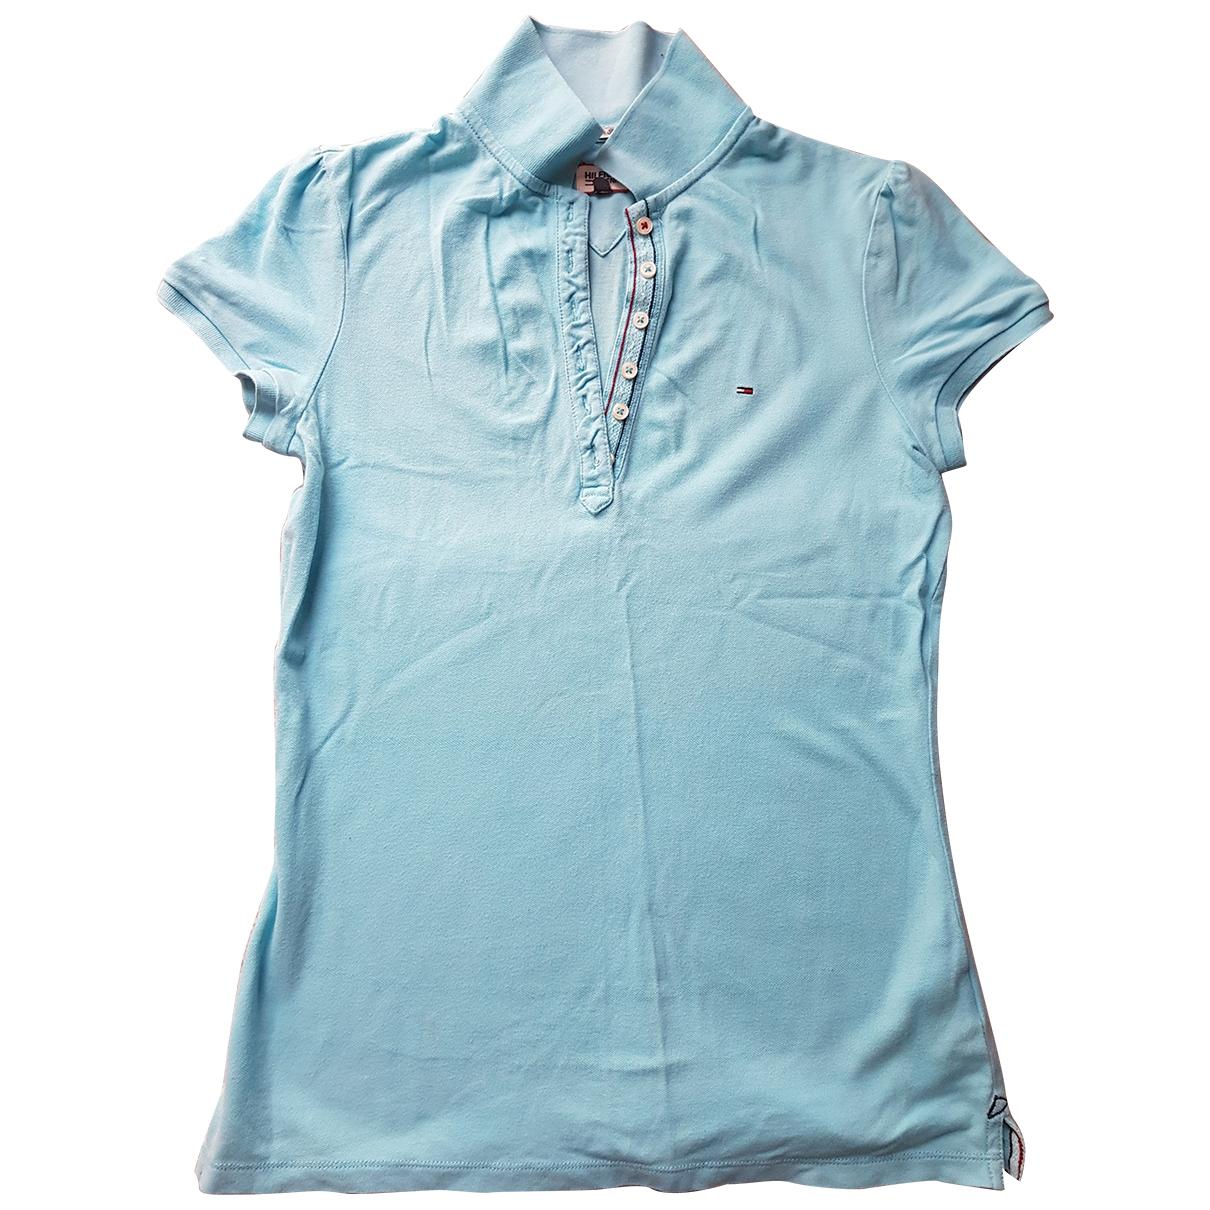 Hilfiger Collection - Top   pour femme en coton - turquoise